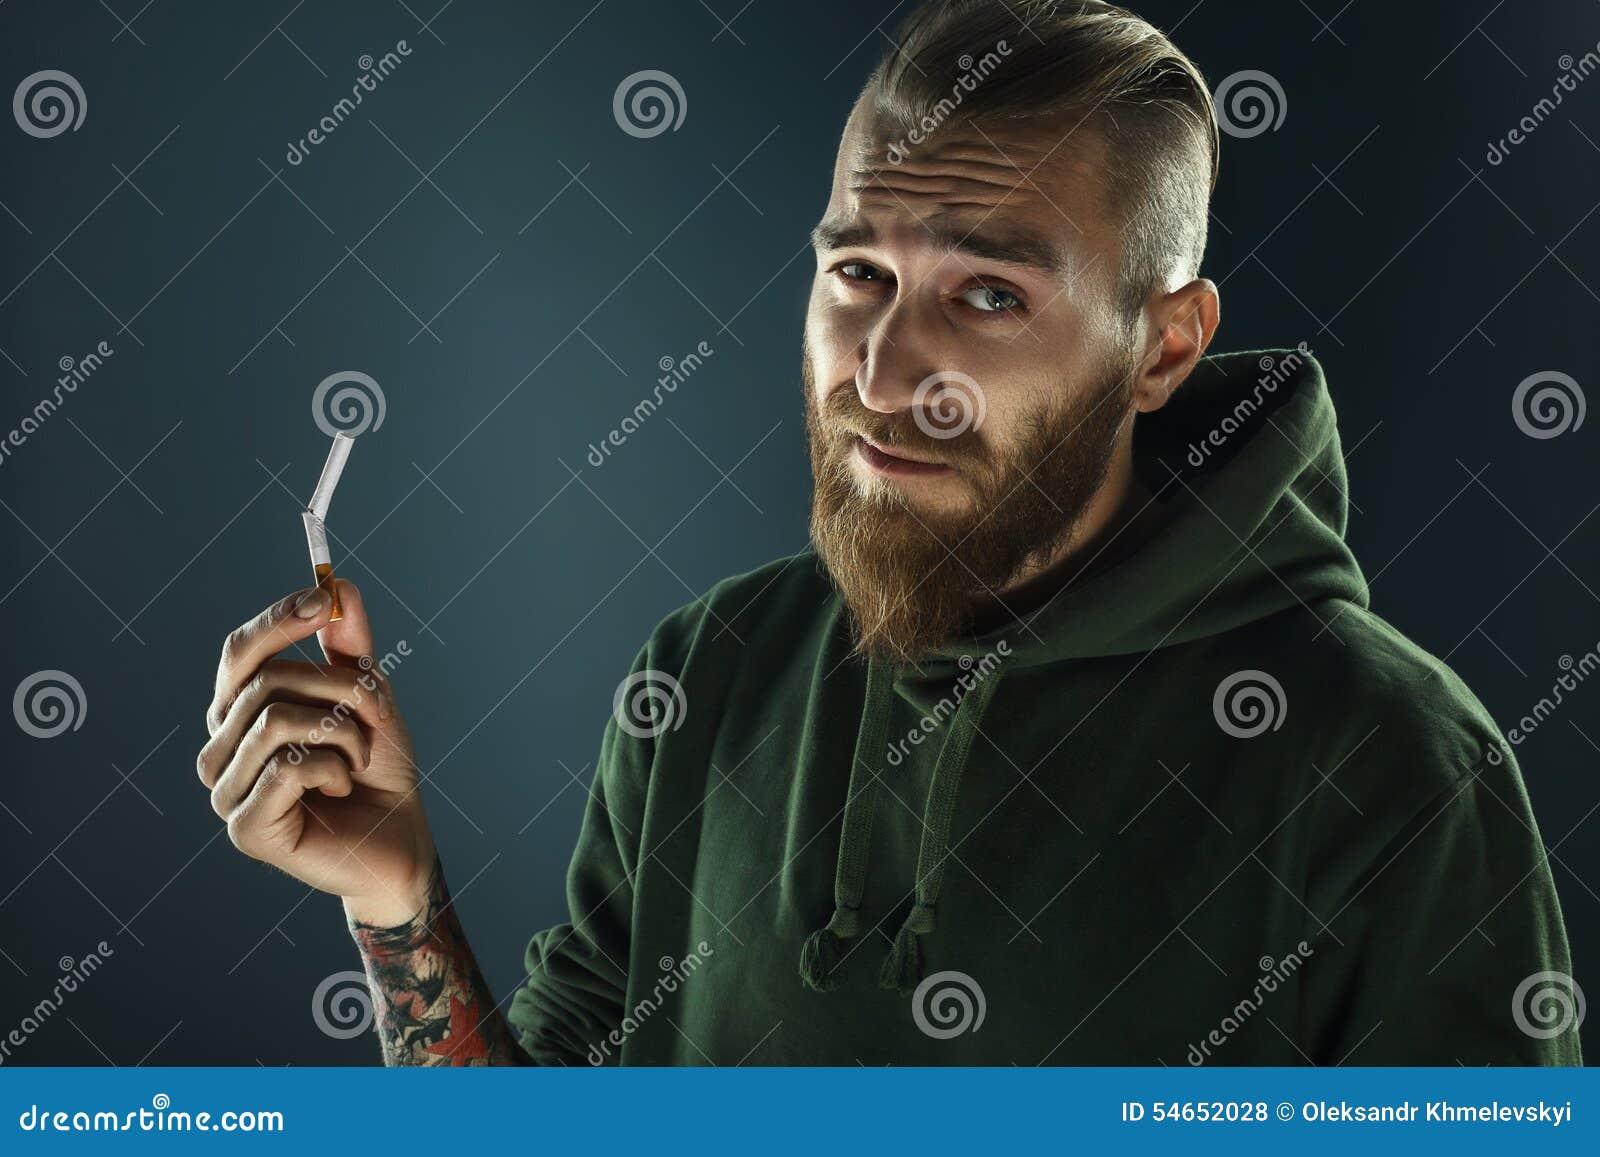 Portret van een jonge kerel ophouden met rokend